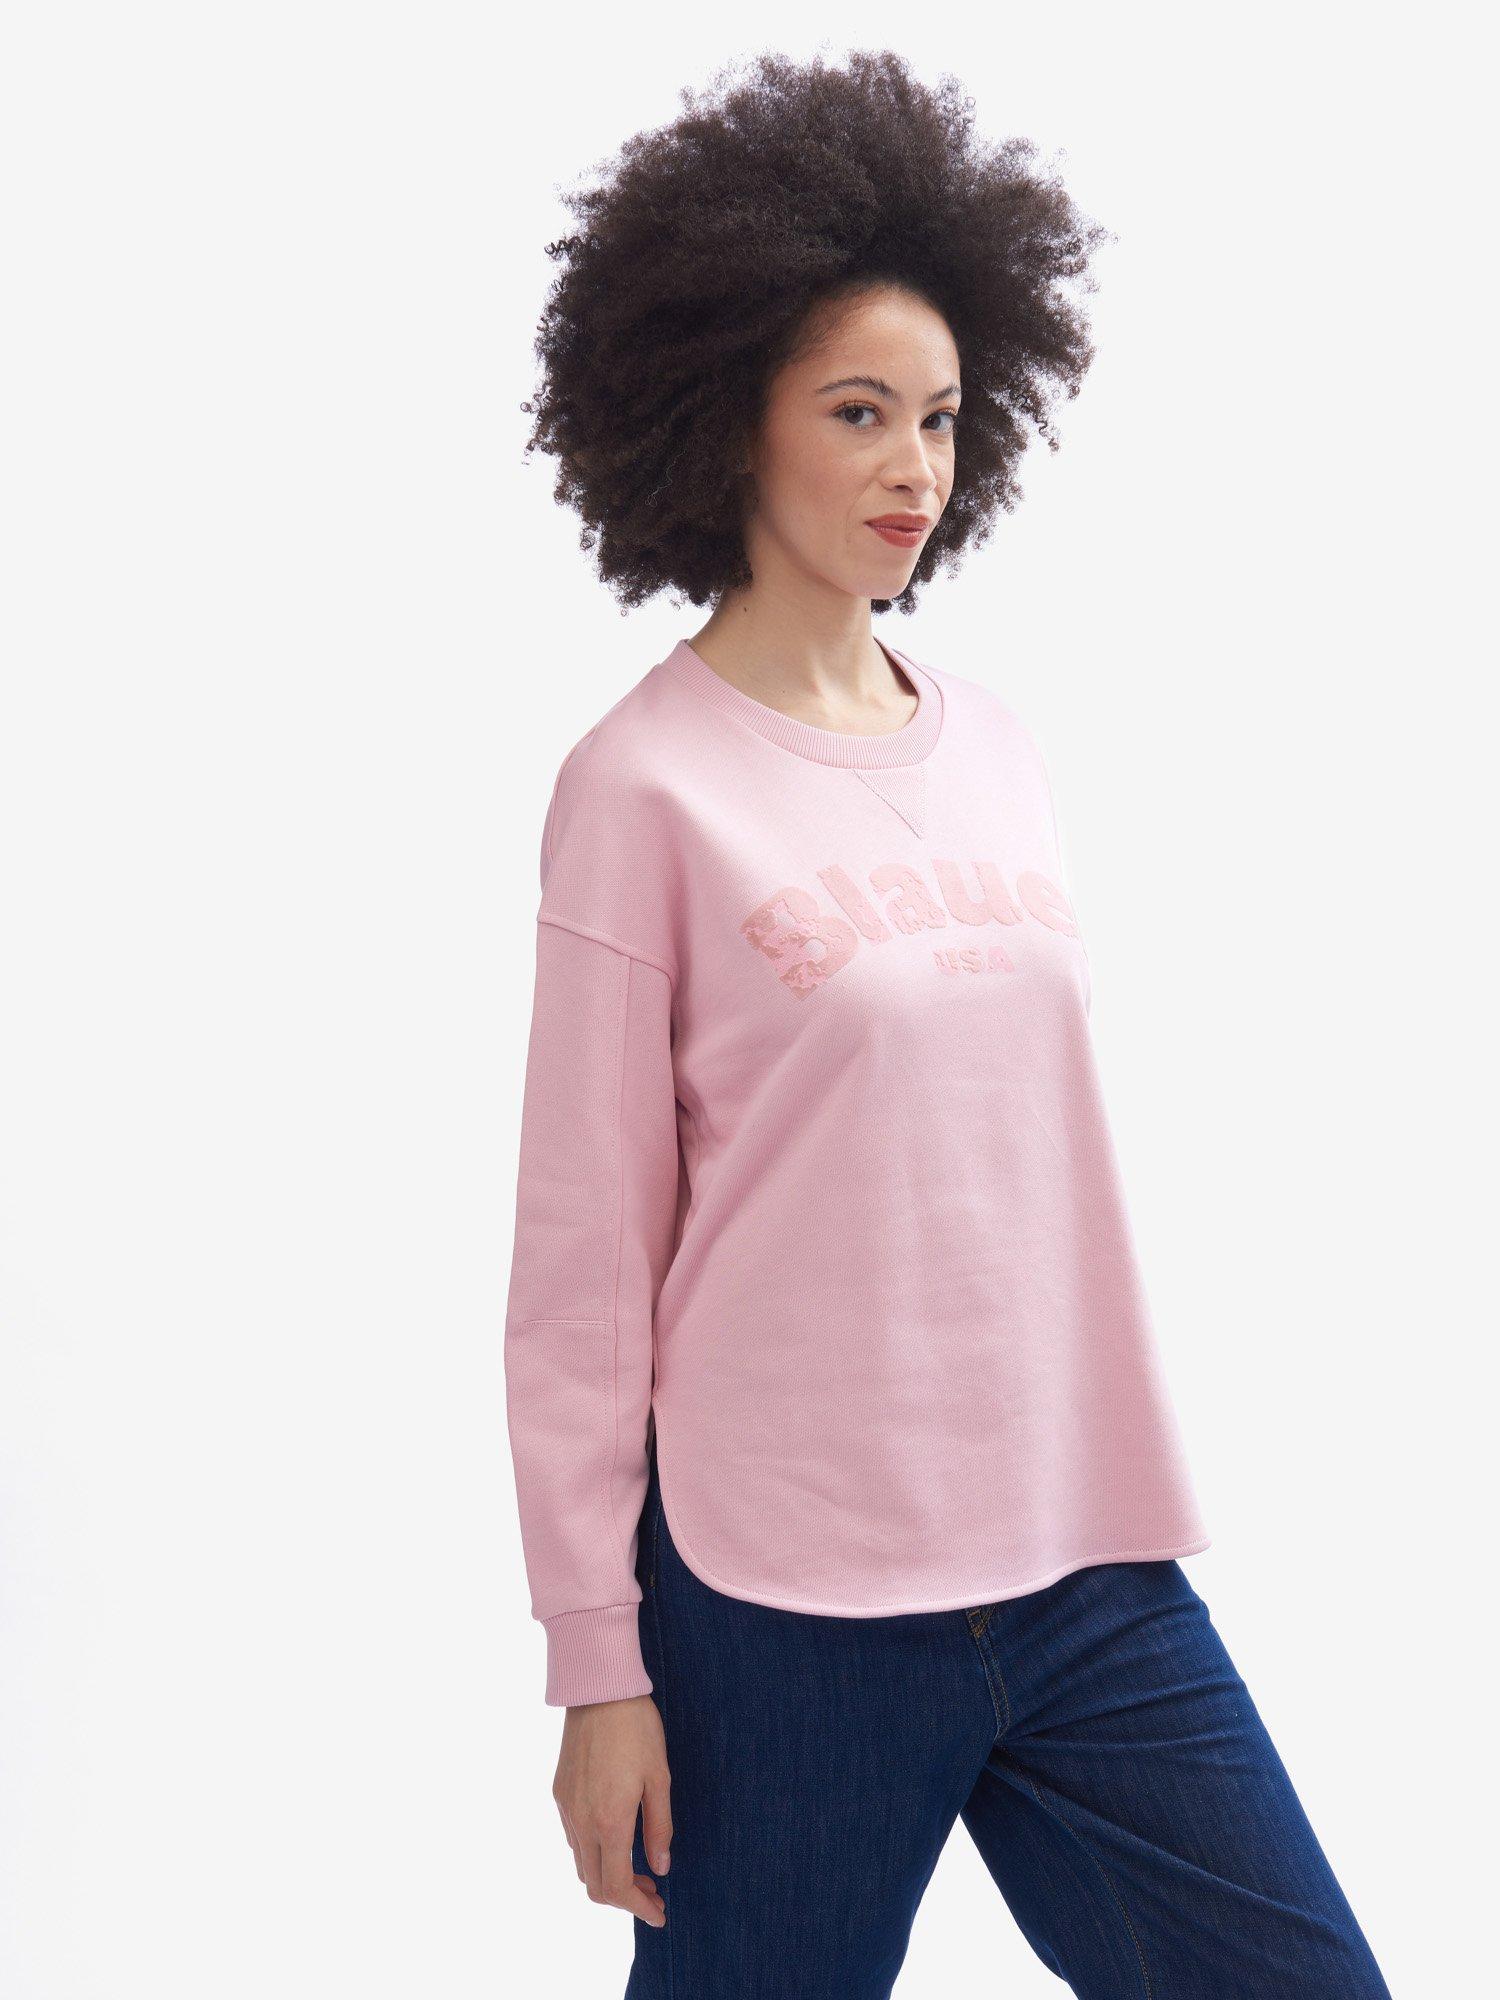 Blauer - SUDADERA BAJO REDONDEADO - Pink Pastel - Blauer